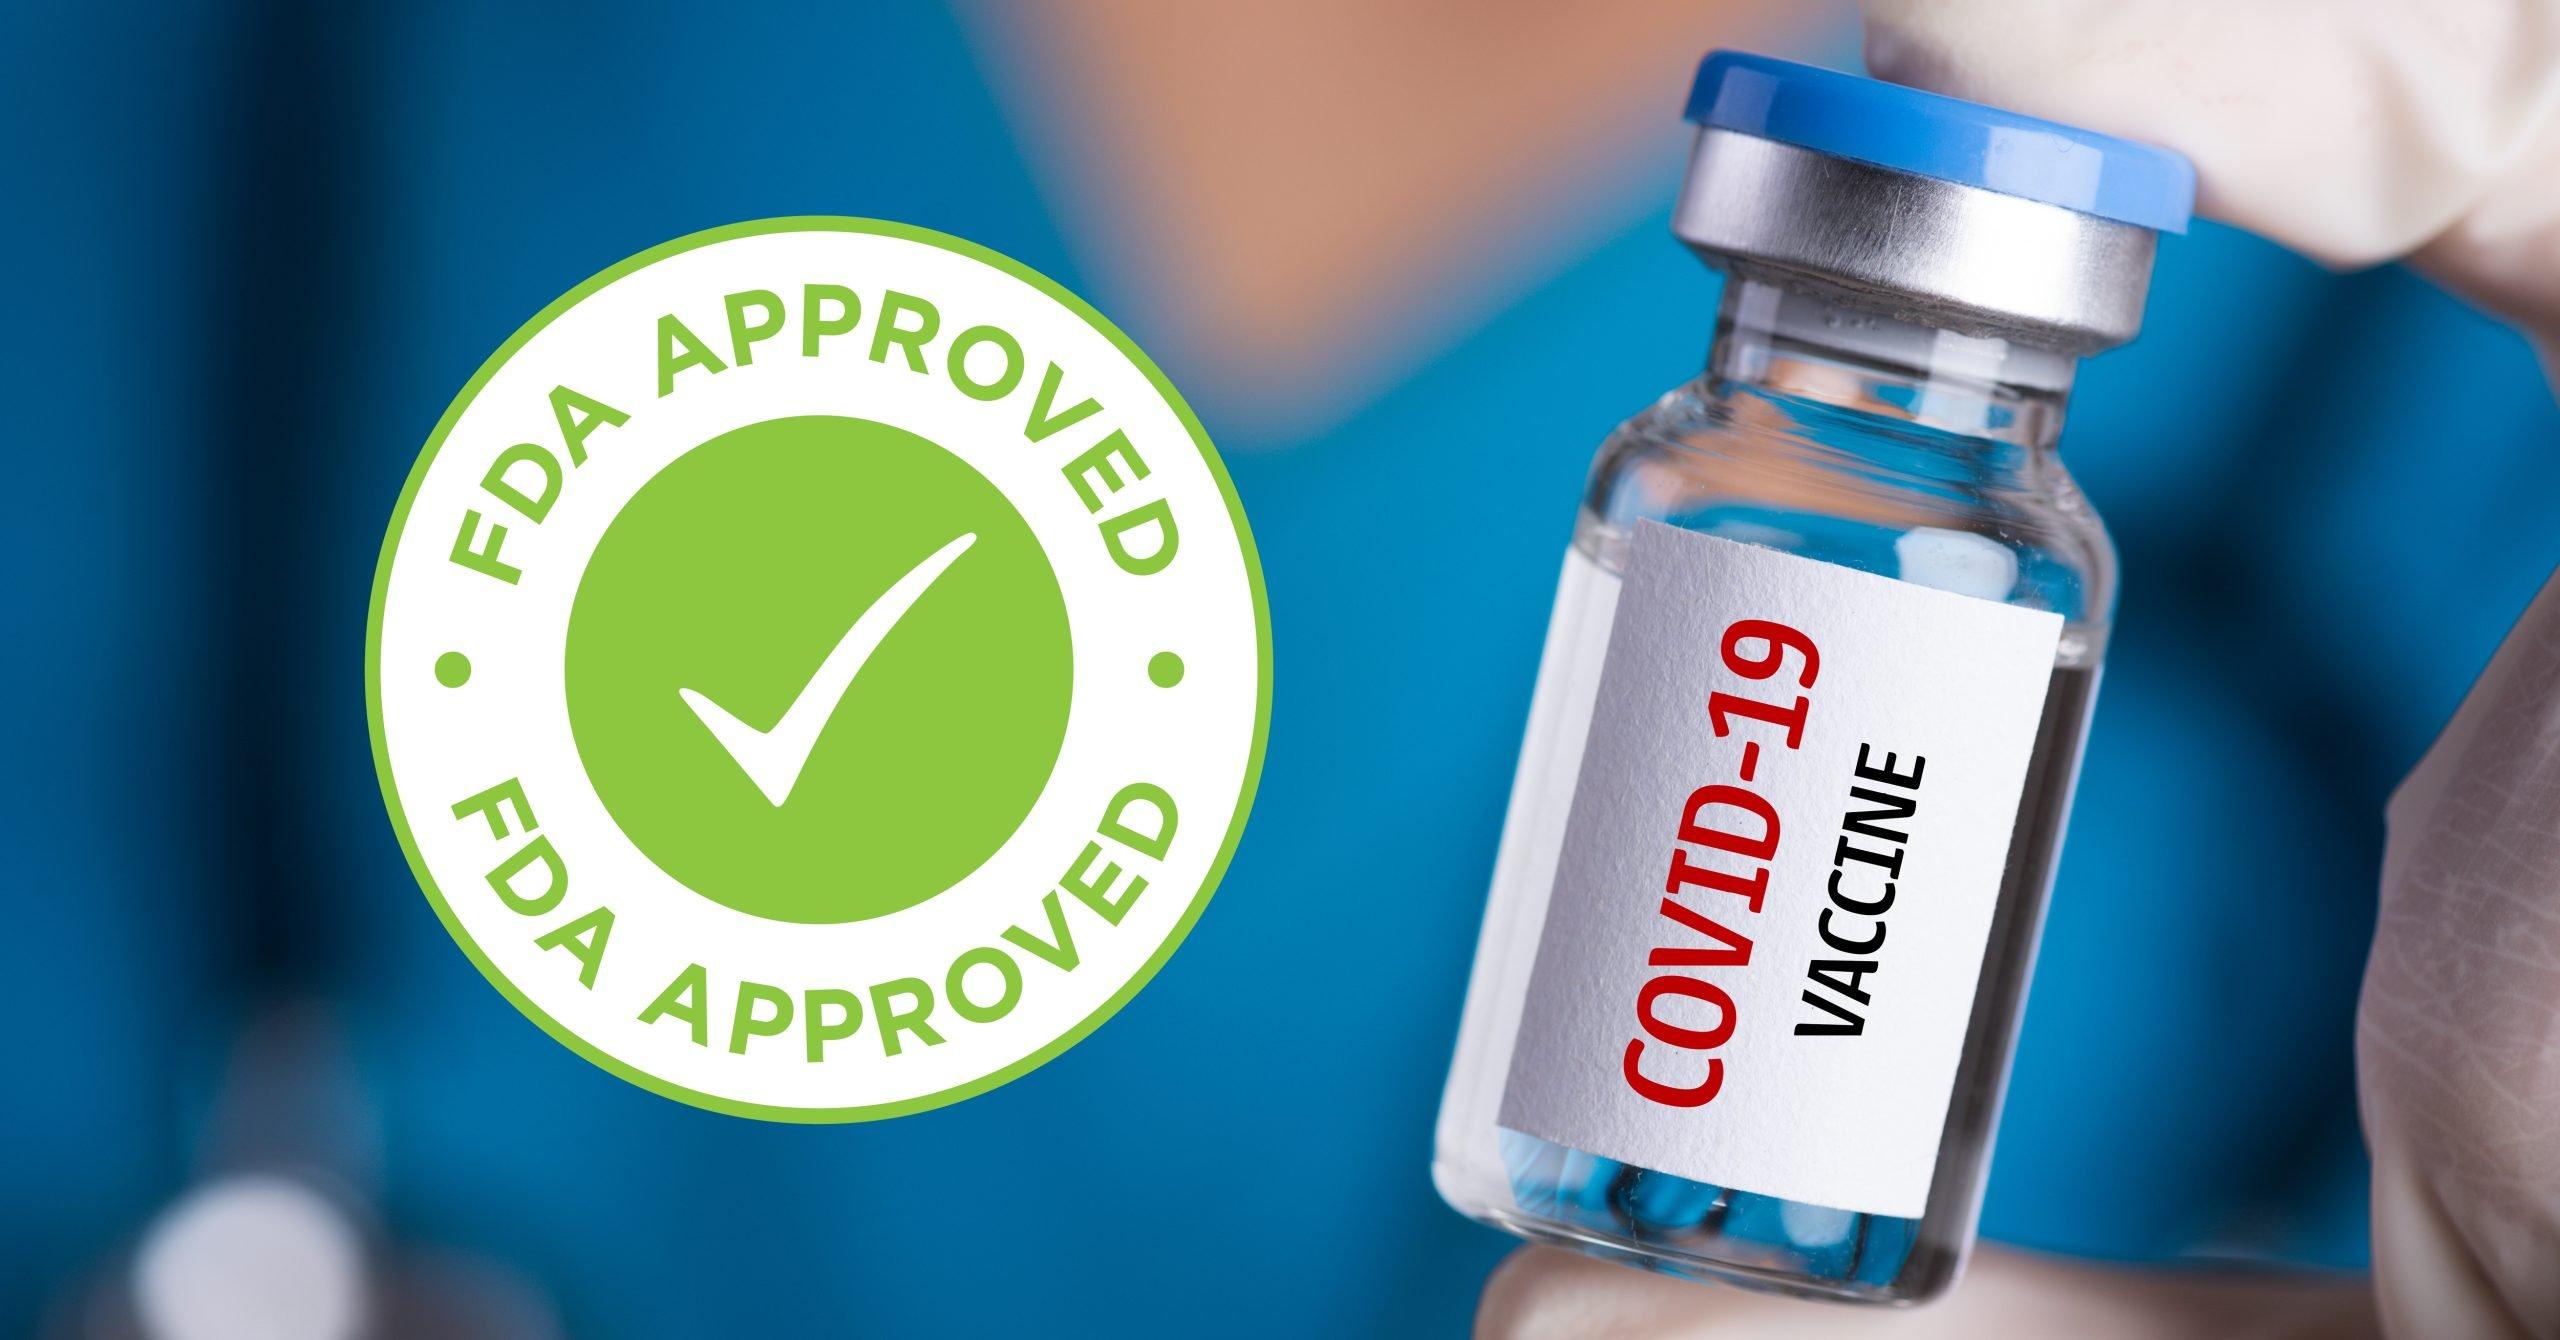 مالزی تزریق دوز تقویتی واکسن کرونا فایزر را تایید کرد